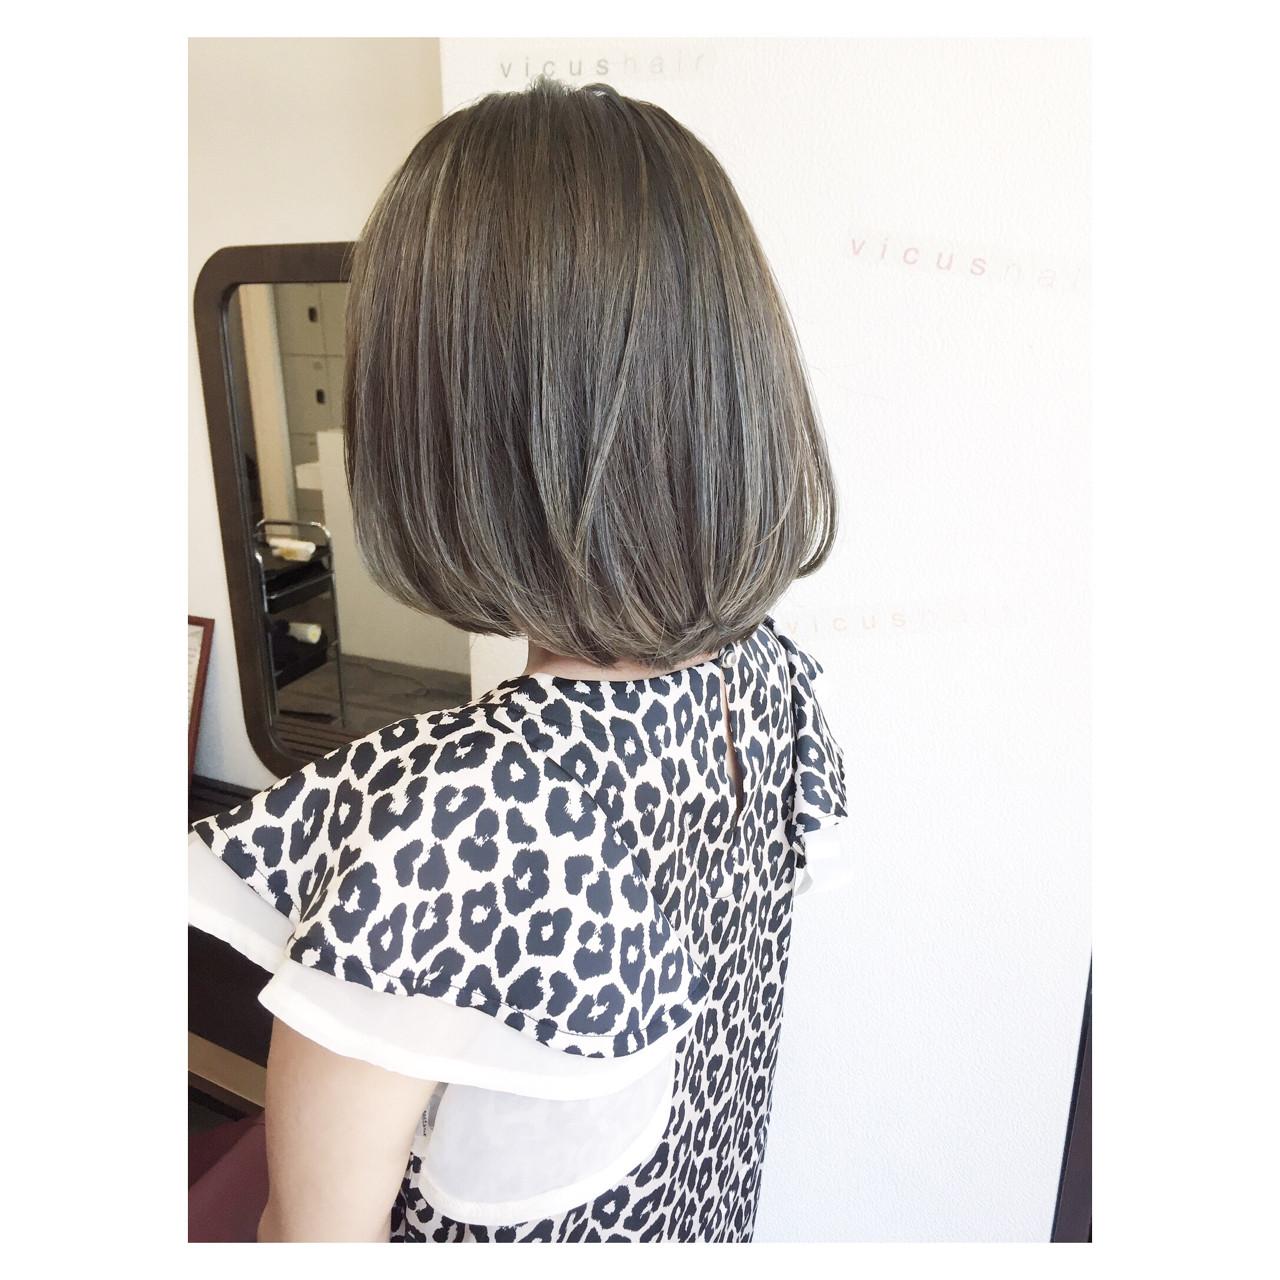 グレージュ 黒髪 ナチュラル アッシュ ヘアスタイルや髪型の写真・画像 | 田渕 英和/vicushair / vicushair